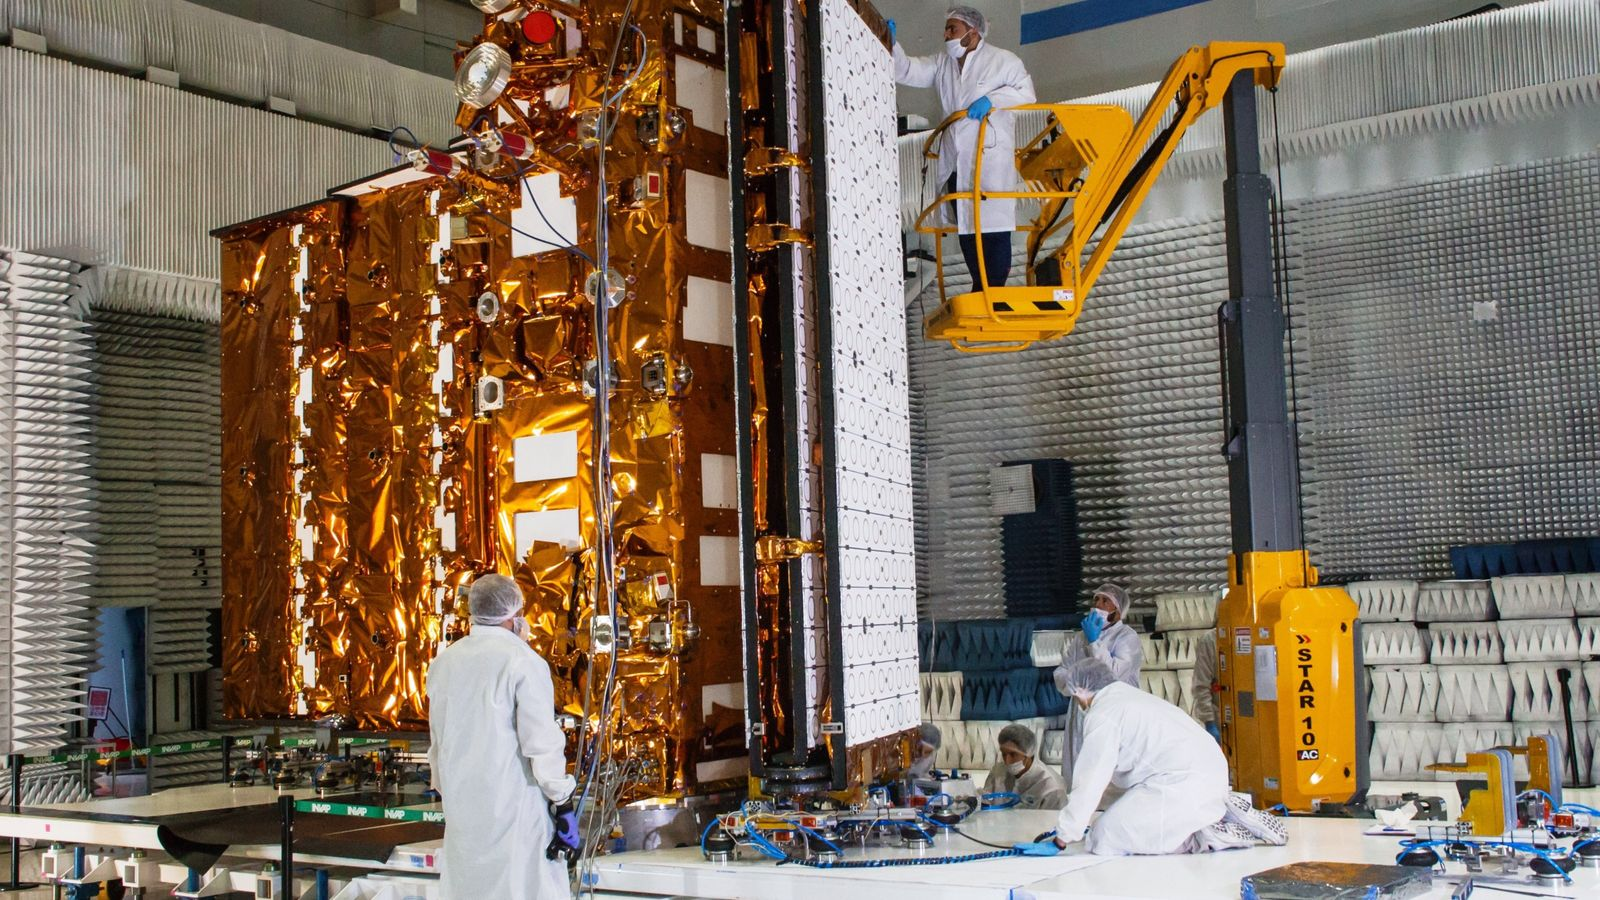 Imágenes de las pruebas del sistema de pliegue/despliegue de la antena radar, el instrumento de observación ...